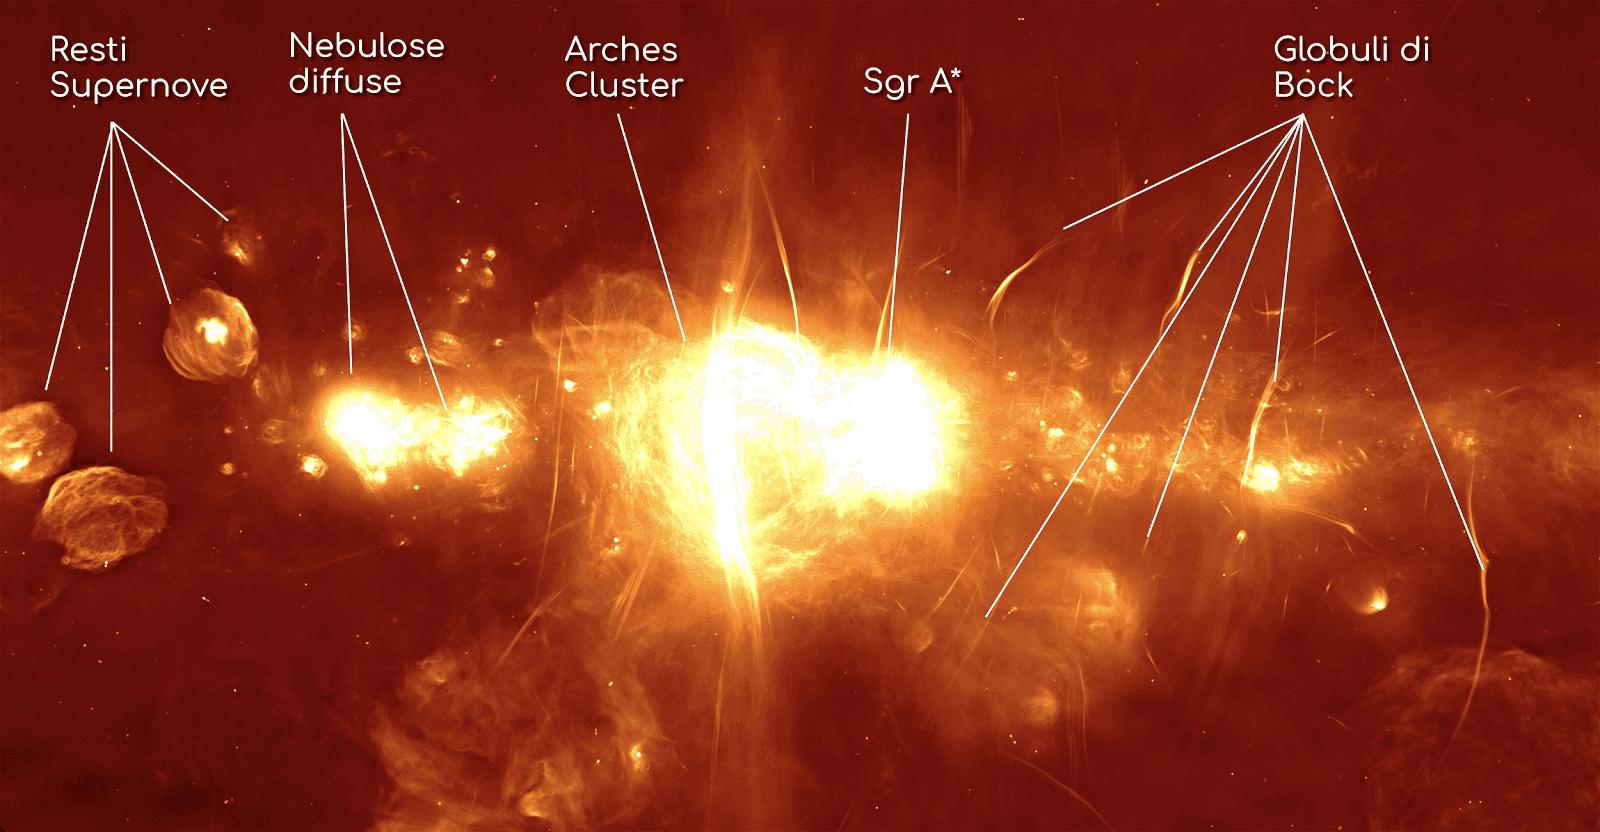 Immagine radio del centro della Via Lattea, ripresa dal radiotelescopio del MeerKAT, con didascalia degli oggetti ripresi.